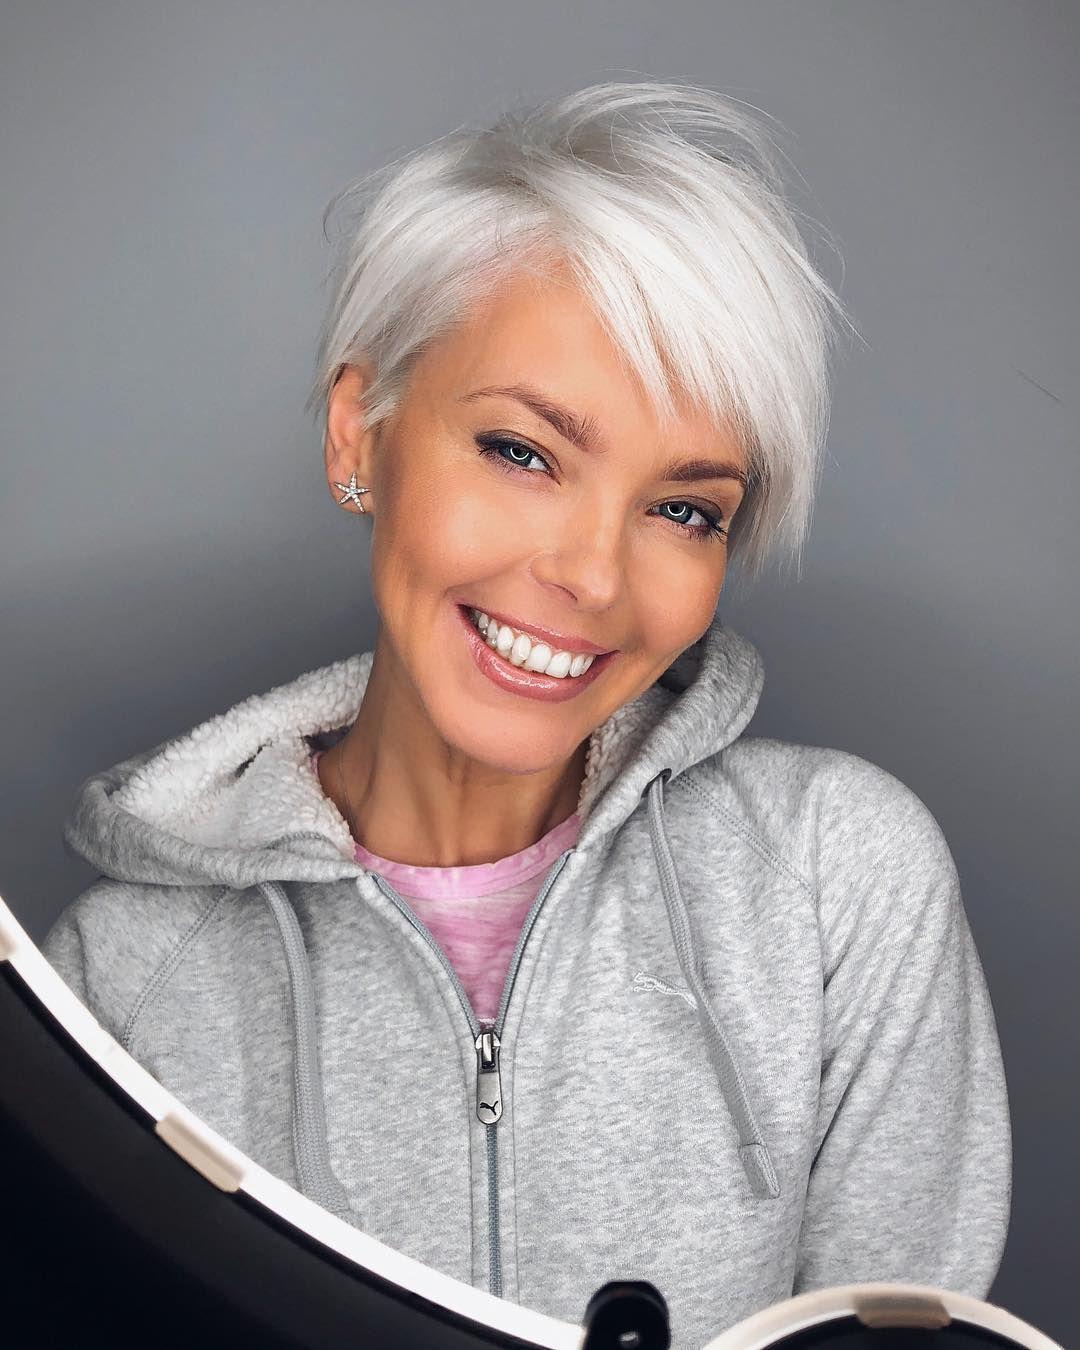 Асимметричные стрижки 2020 для женщин 40-50 лет фото 2